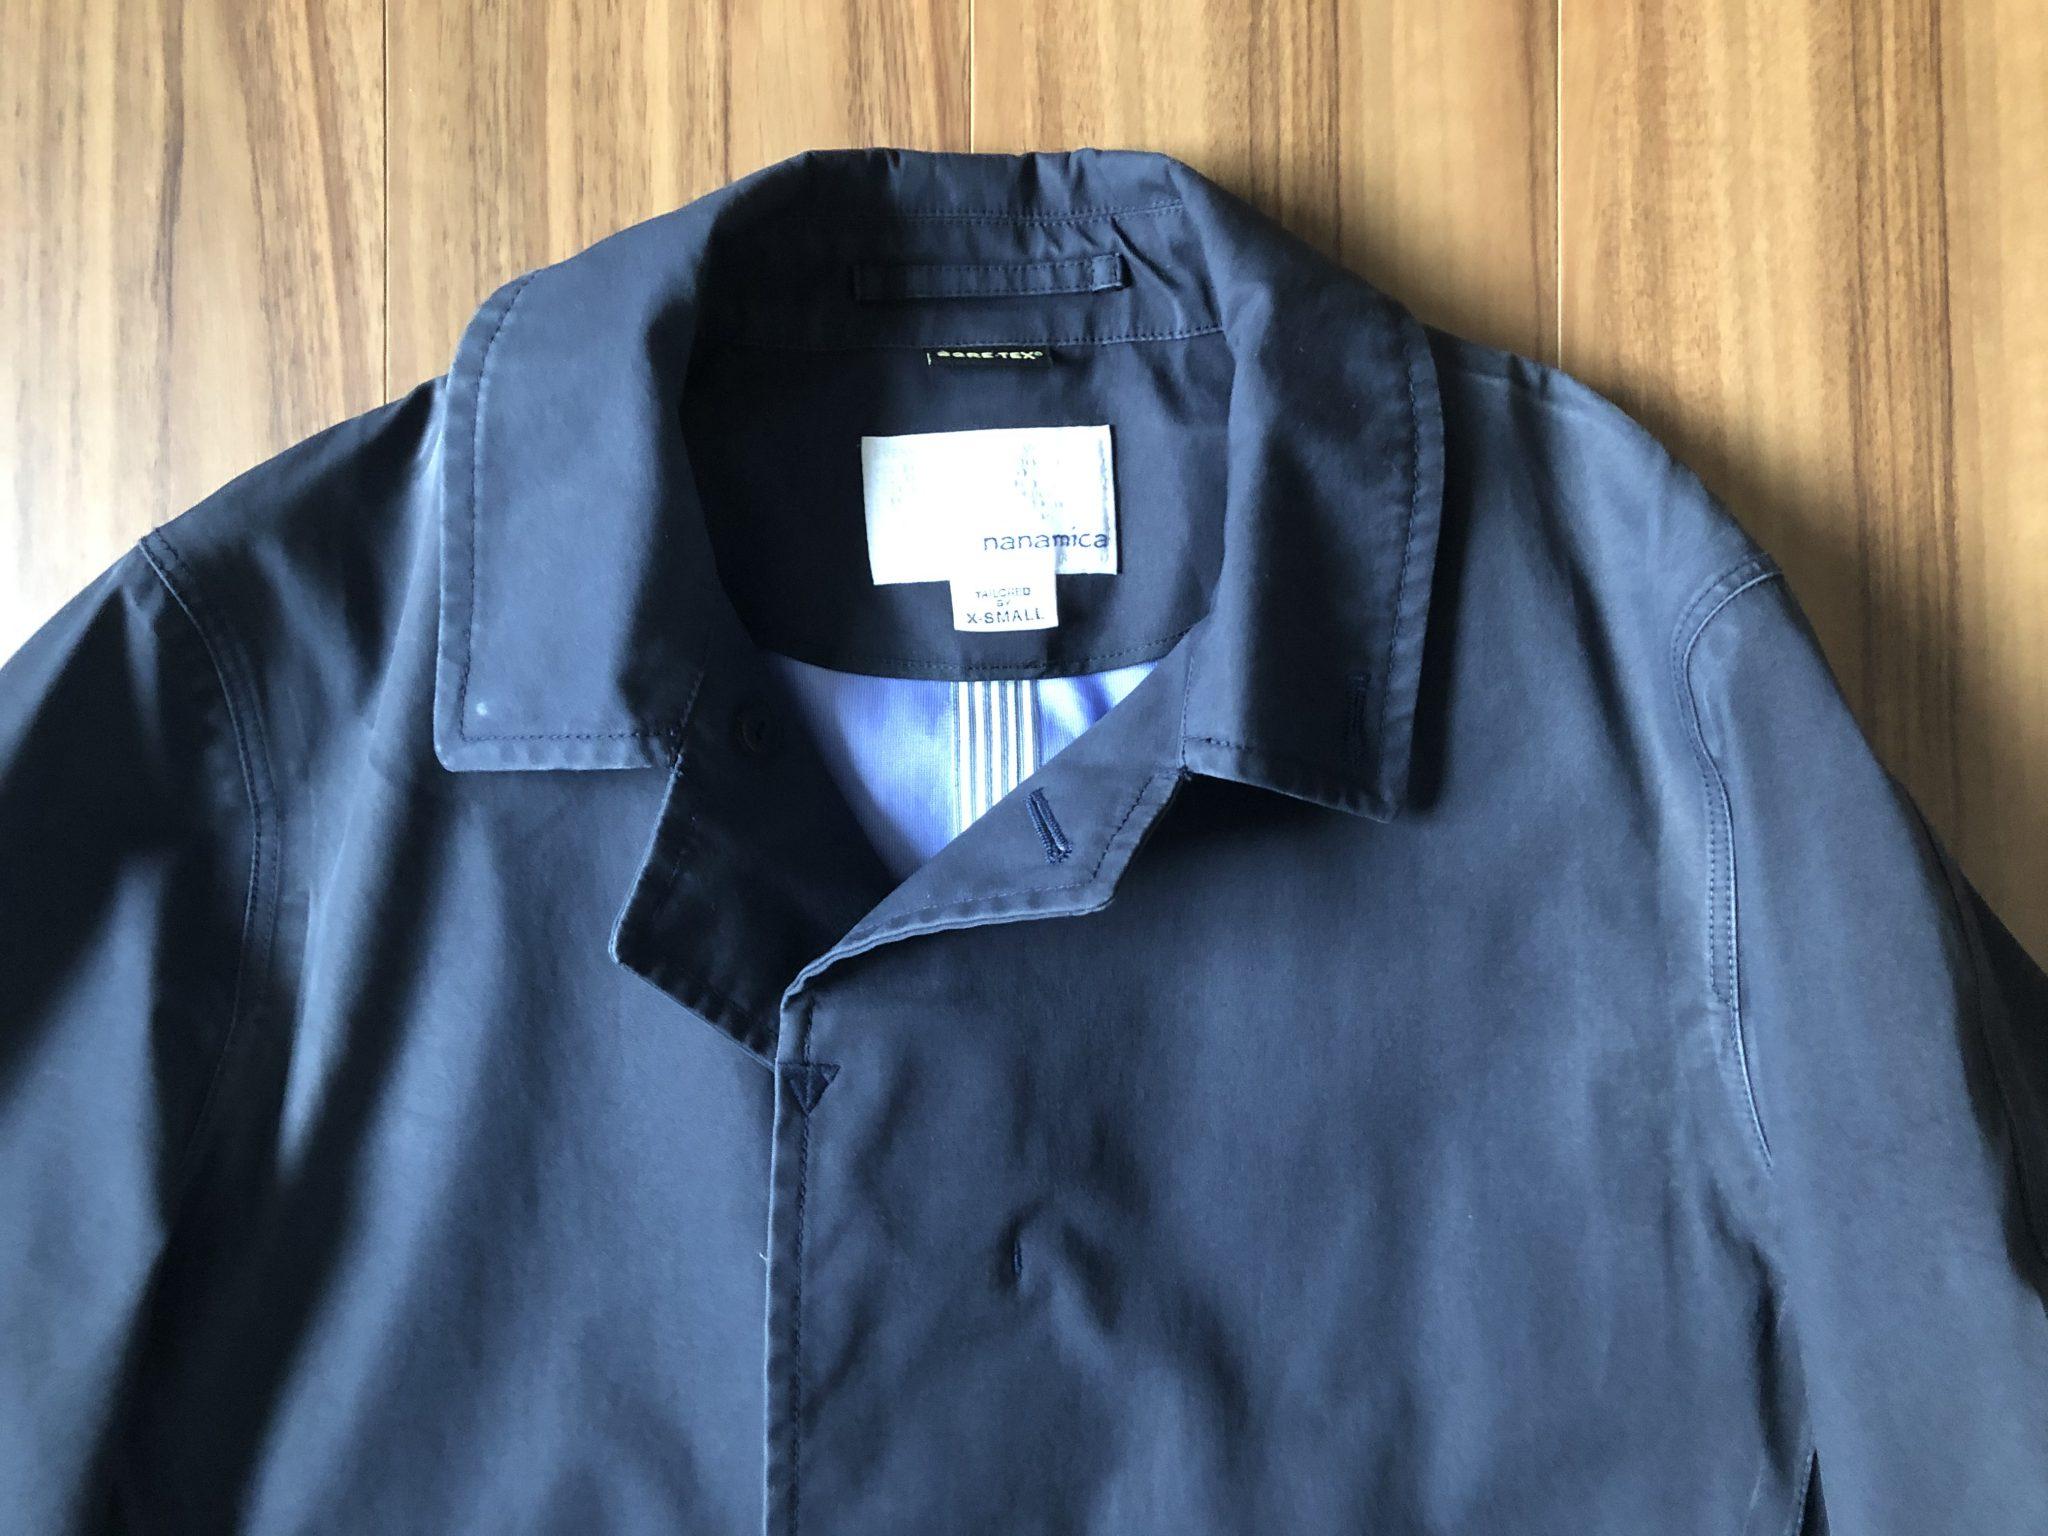 ナナミカ ゴアテックス ステンカラーコート nanamica GORE-TEX Soutien Collar Coat 襟 肩 3期目 エイジング 経年変化